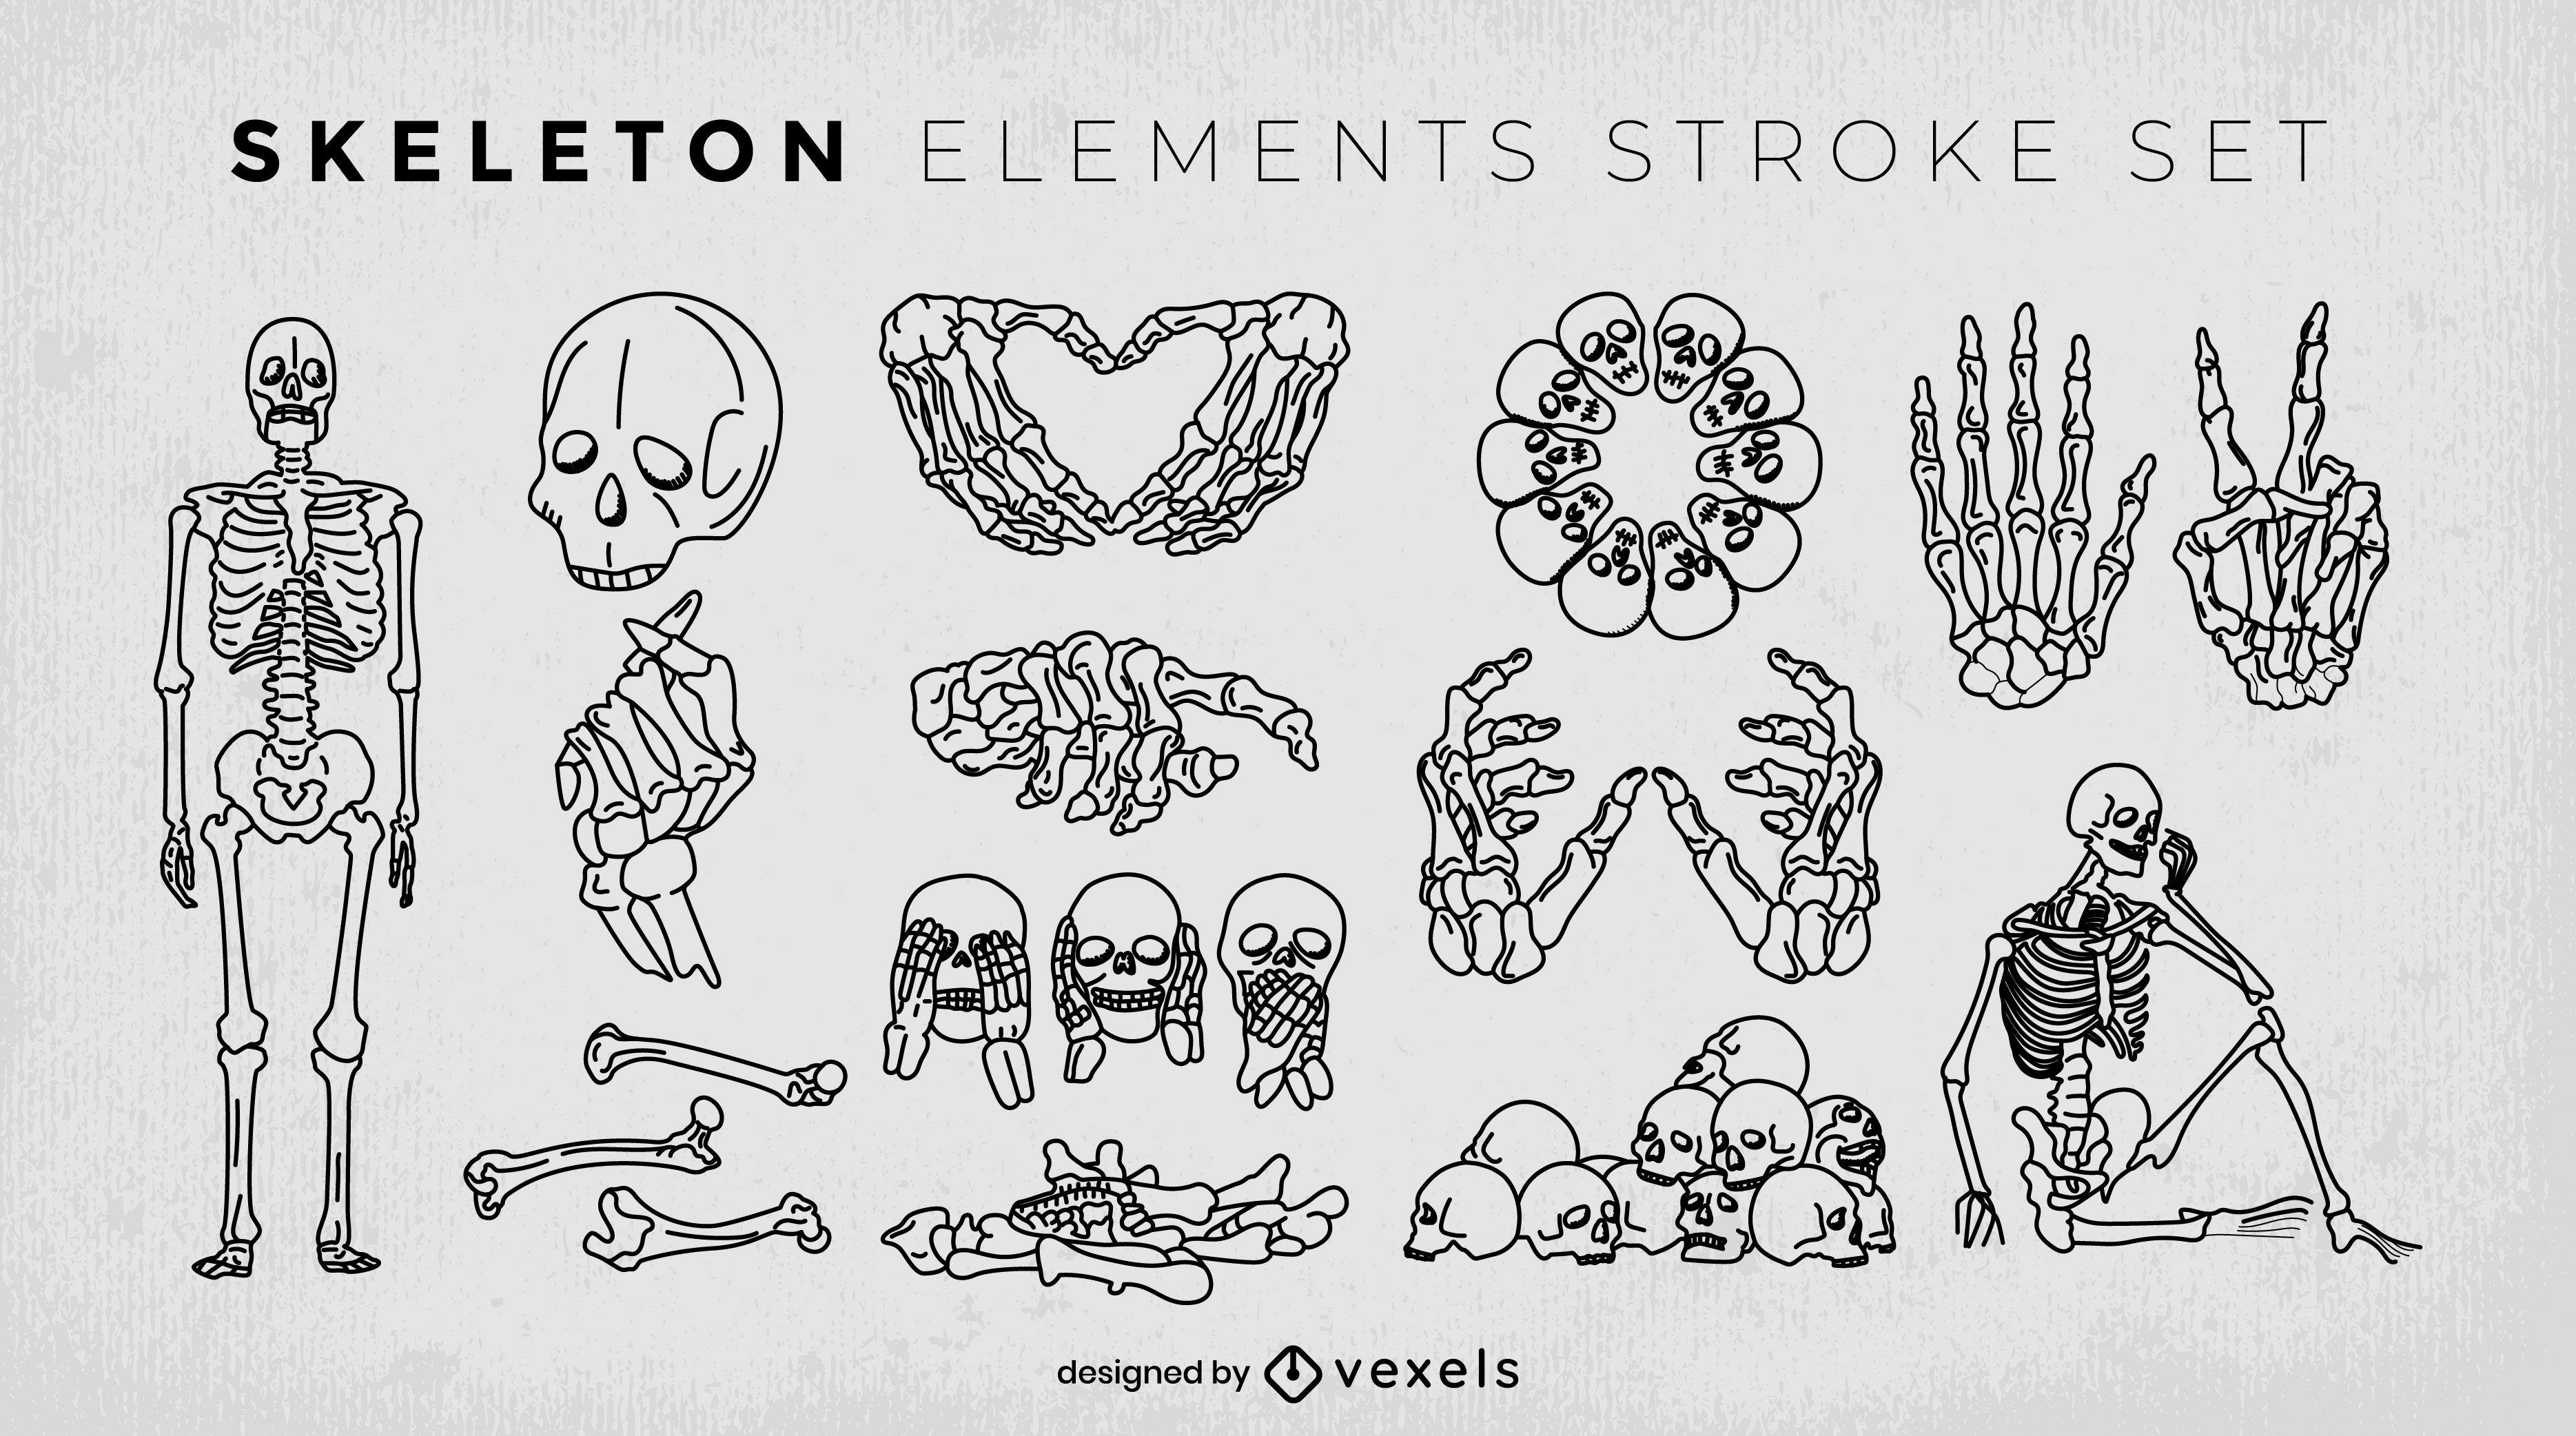 Skull and skeletons monsters stroke set